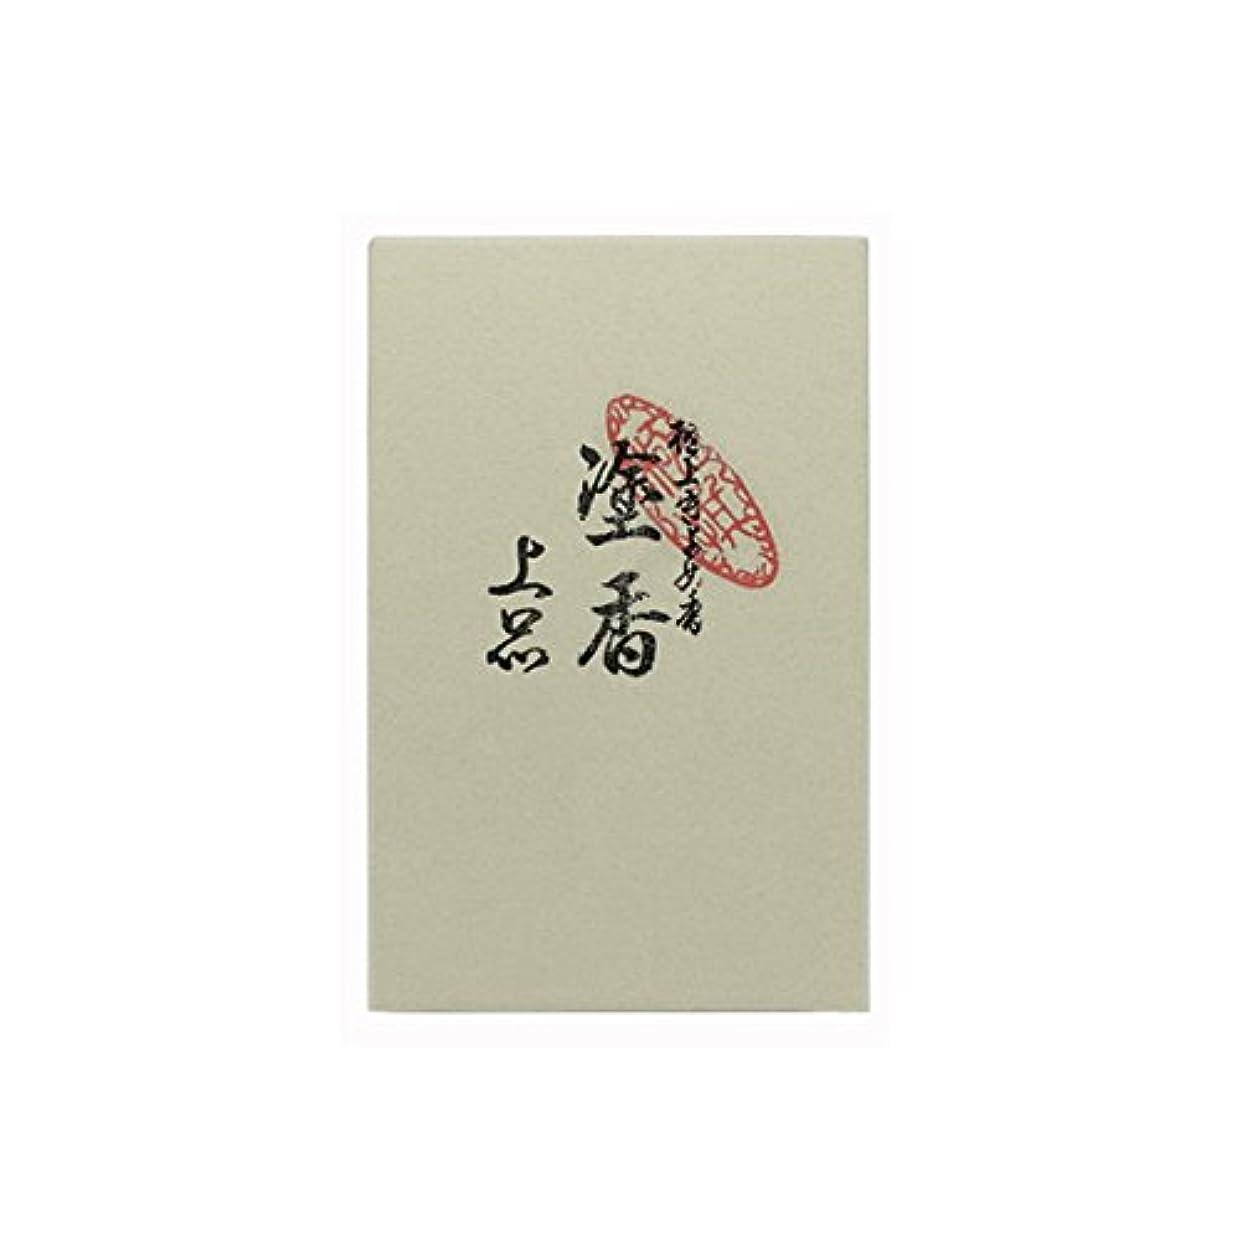 塗香(上品) 20g入